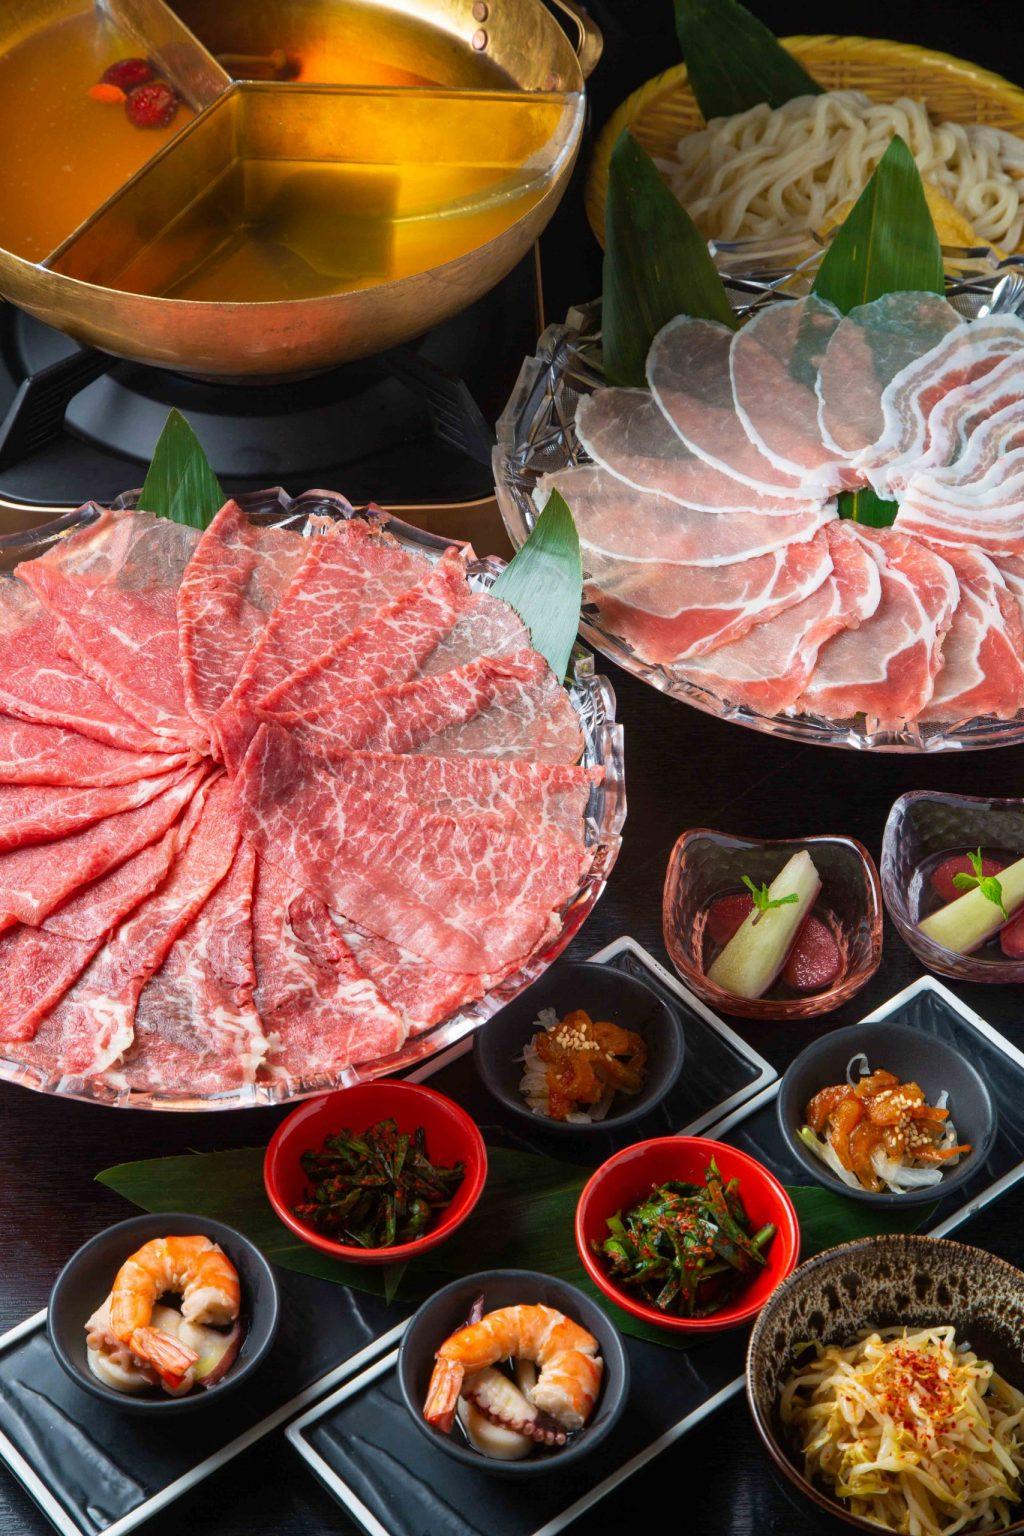 タニヤ,日本食,おすすめ,安い,しゃぶしゃぶ,激安,バンコク日本食,タイ日本食